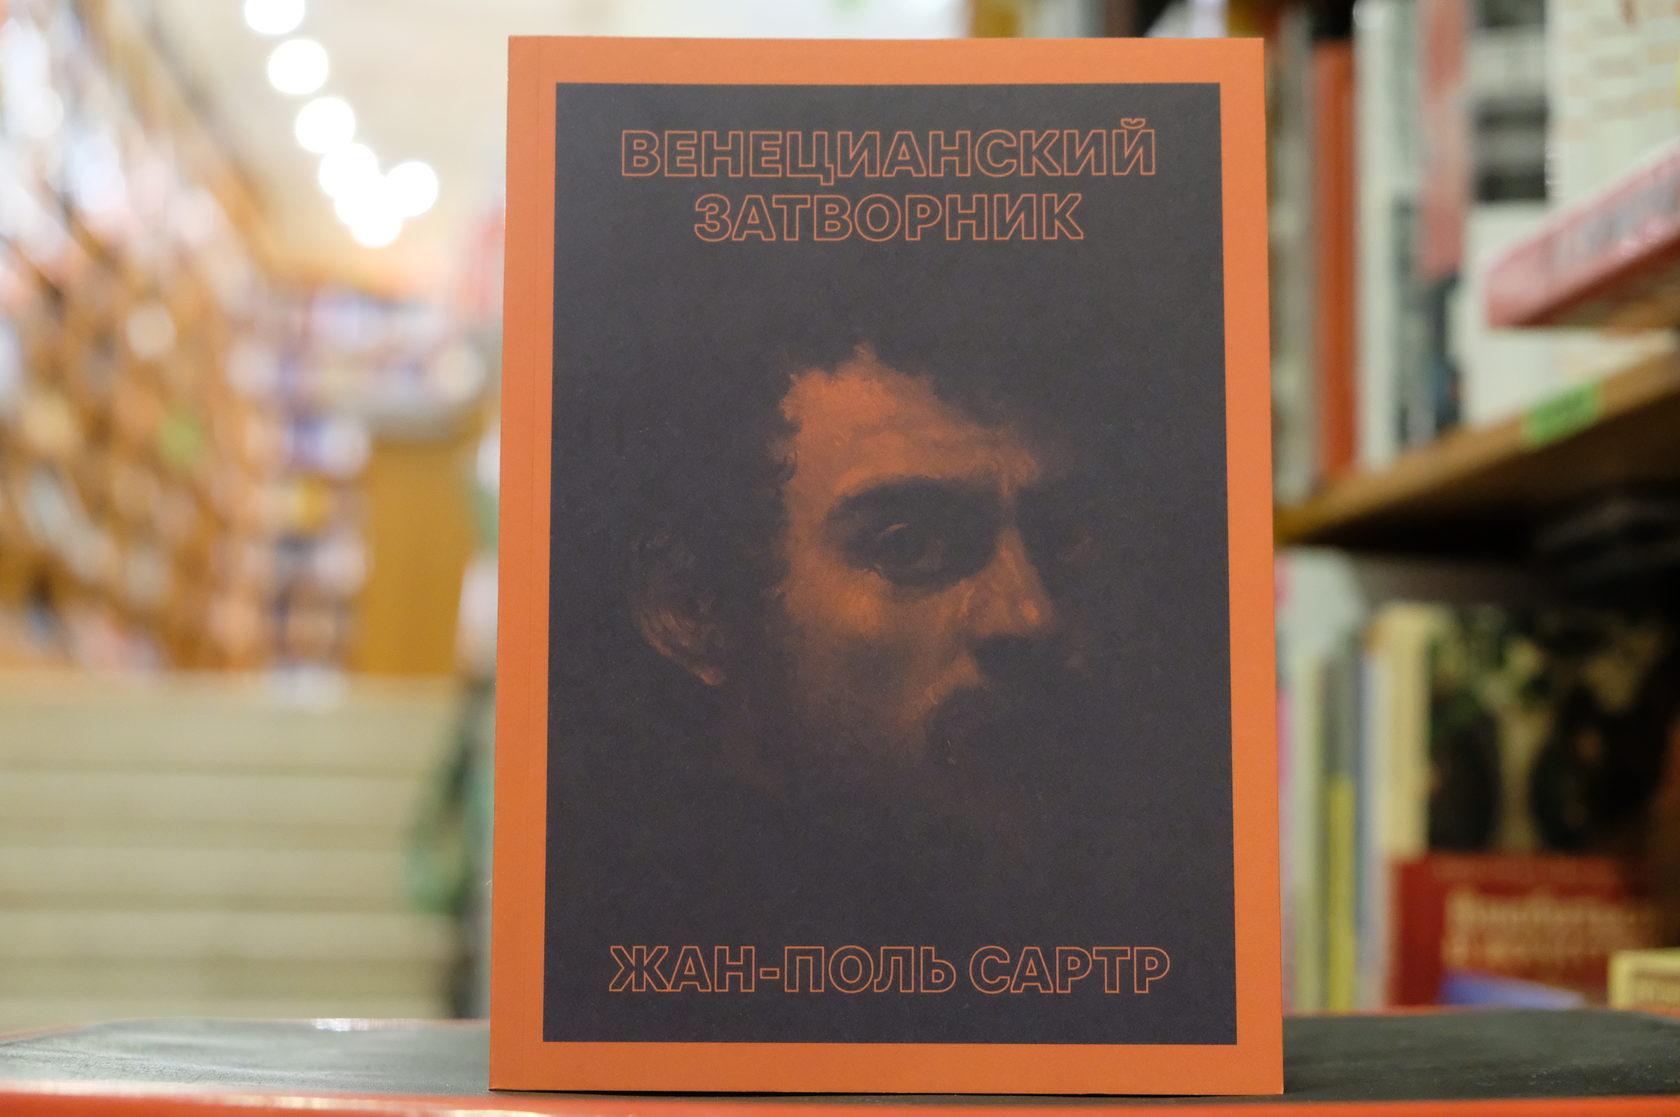 Жан-Поль Сартр «Венецианский затворник» 978-5-6041497-3-7